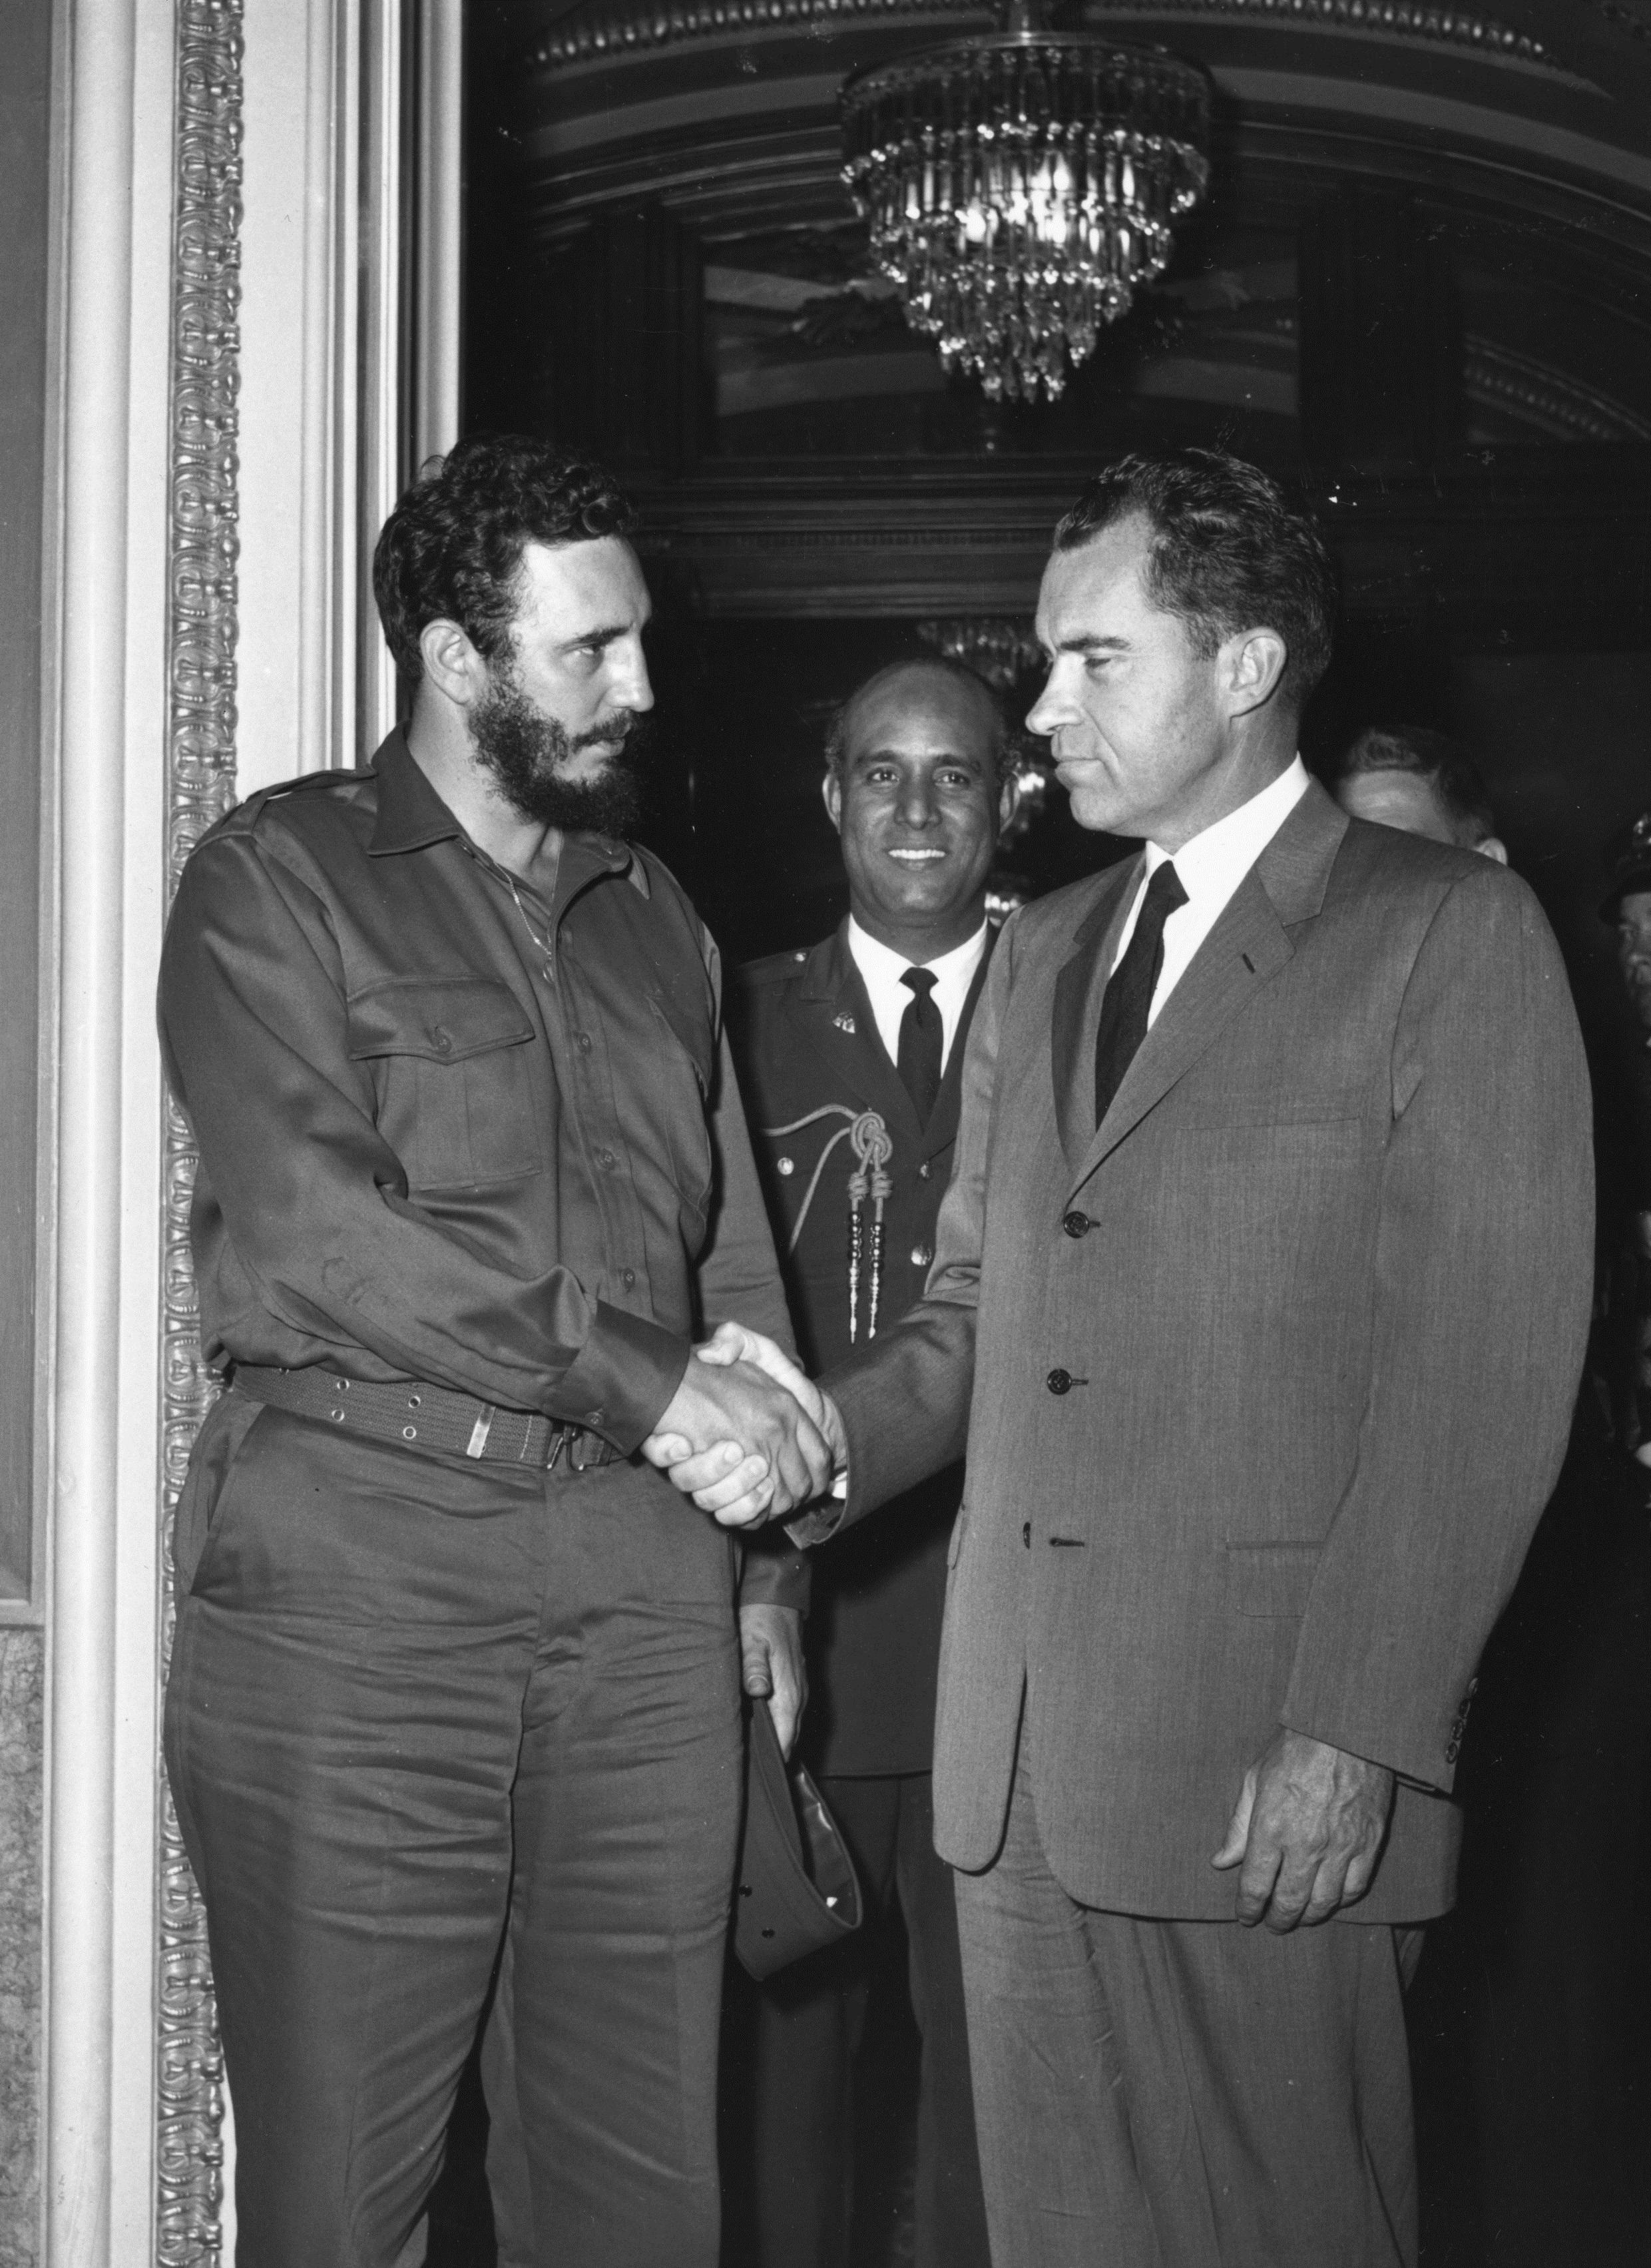 1959 г. - Фидел Кастро се ръкува с вицепрезидента на САЩ Ричард Никсън по време на посещение във Вашингтон.